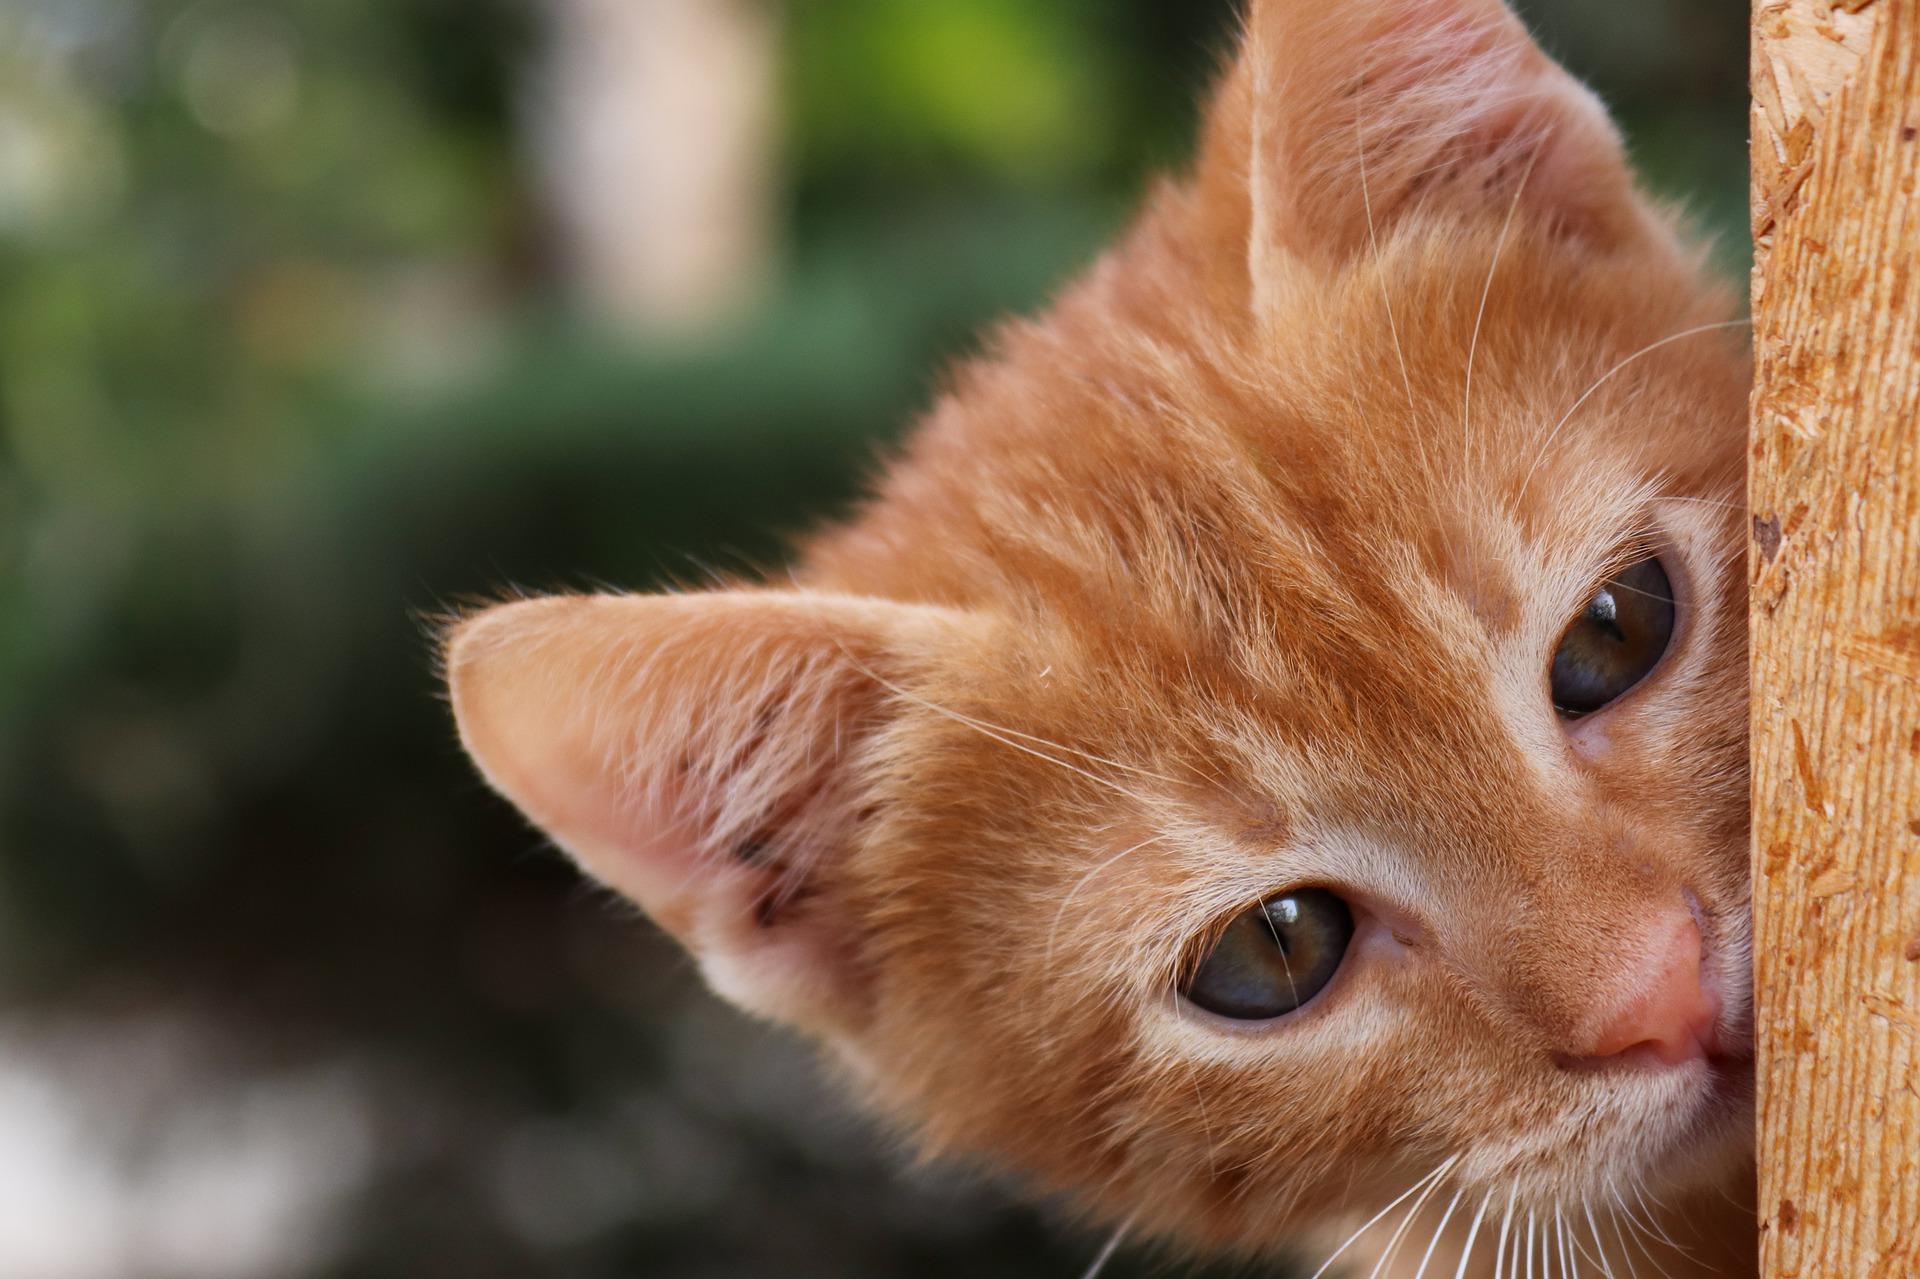 orange cat peeking around corner